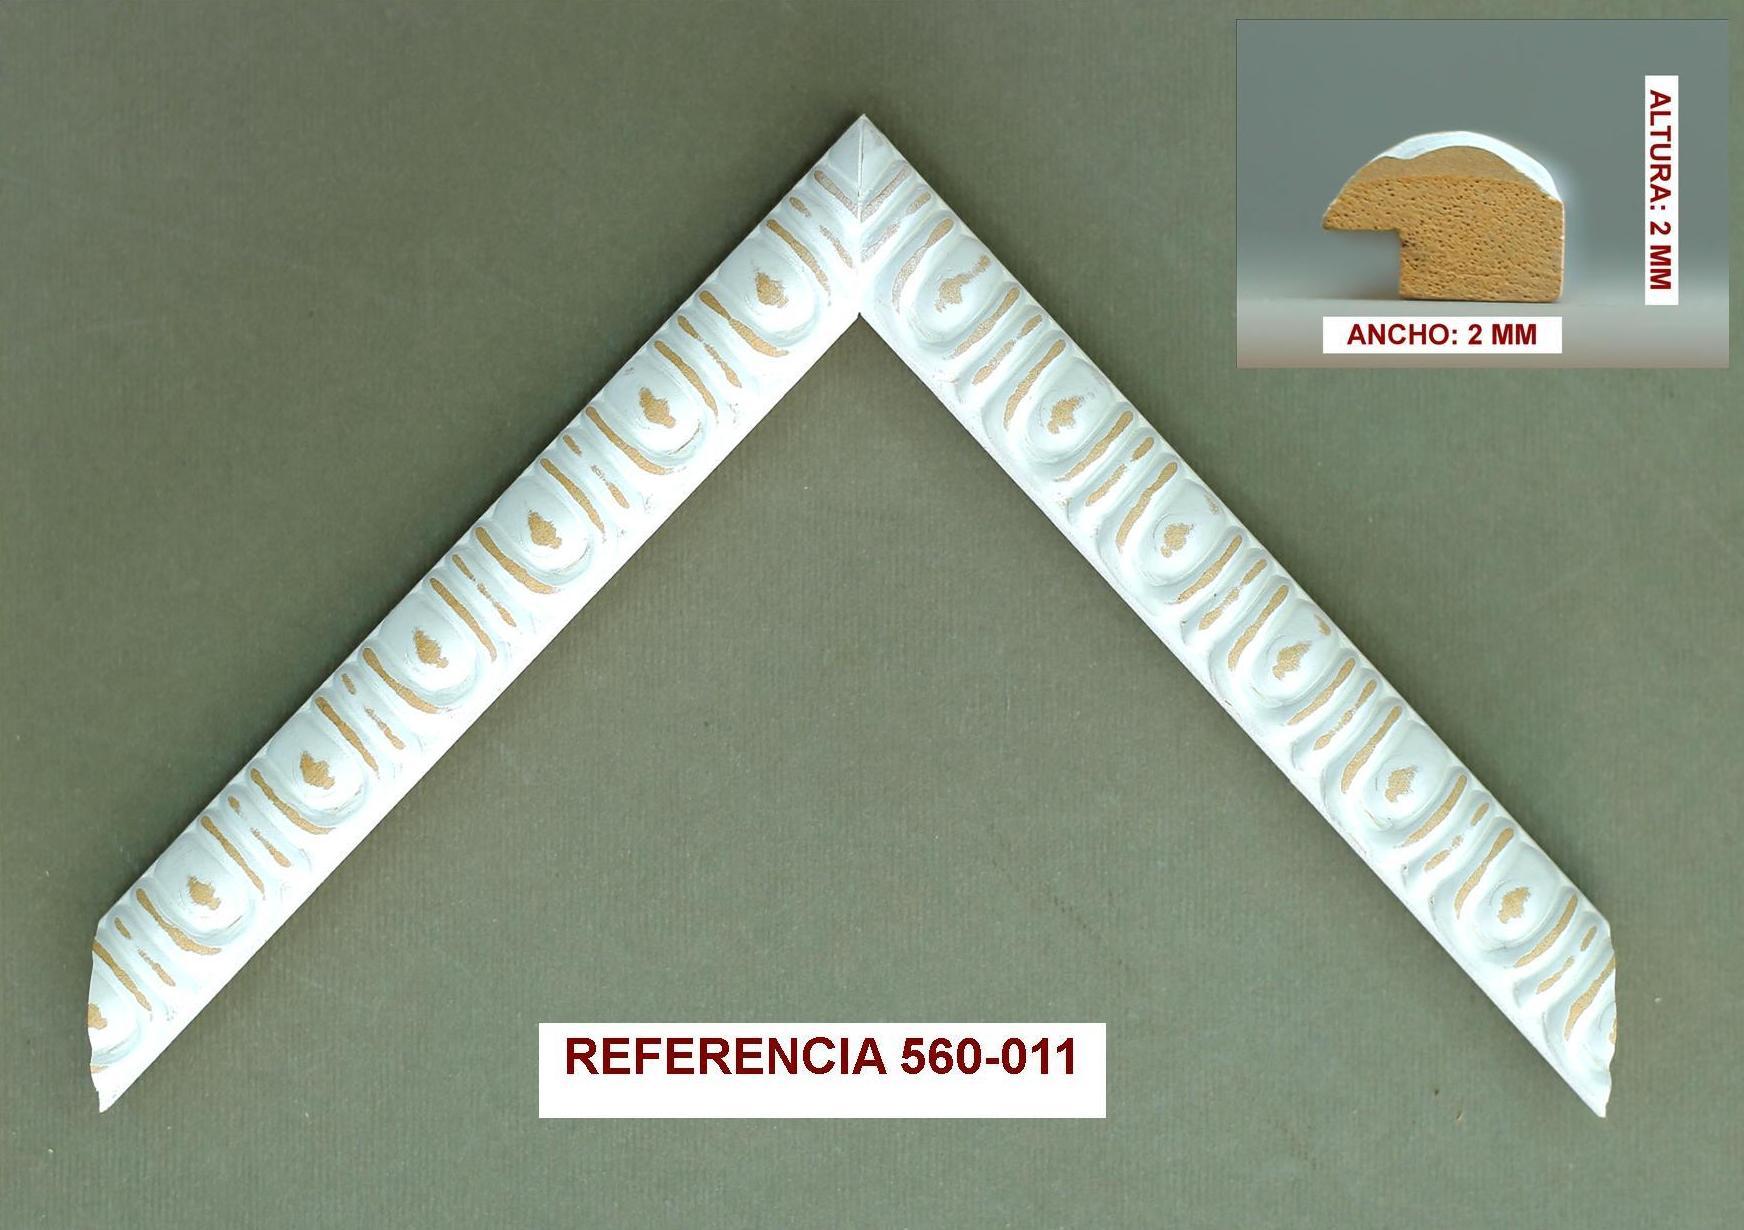 REF 560-011: Muestrario de Moldusevilla